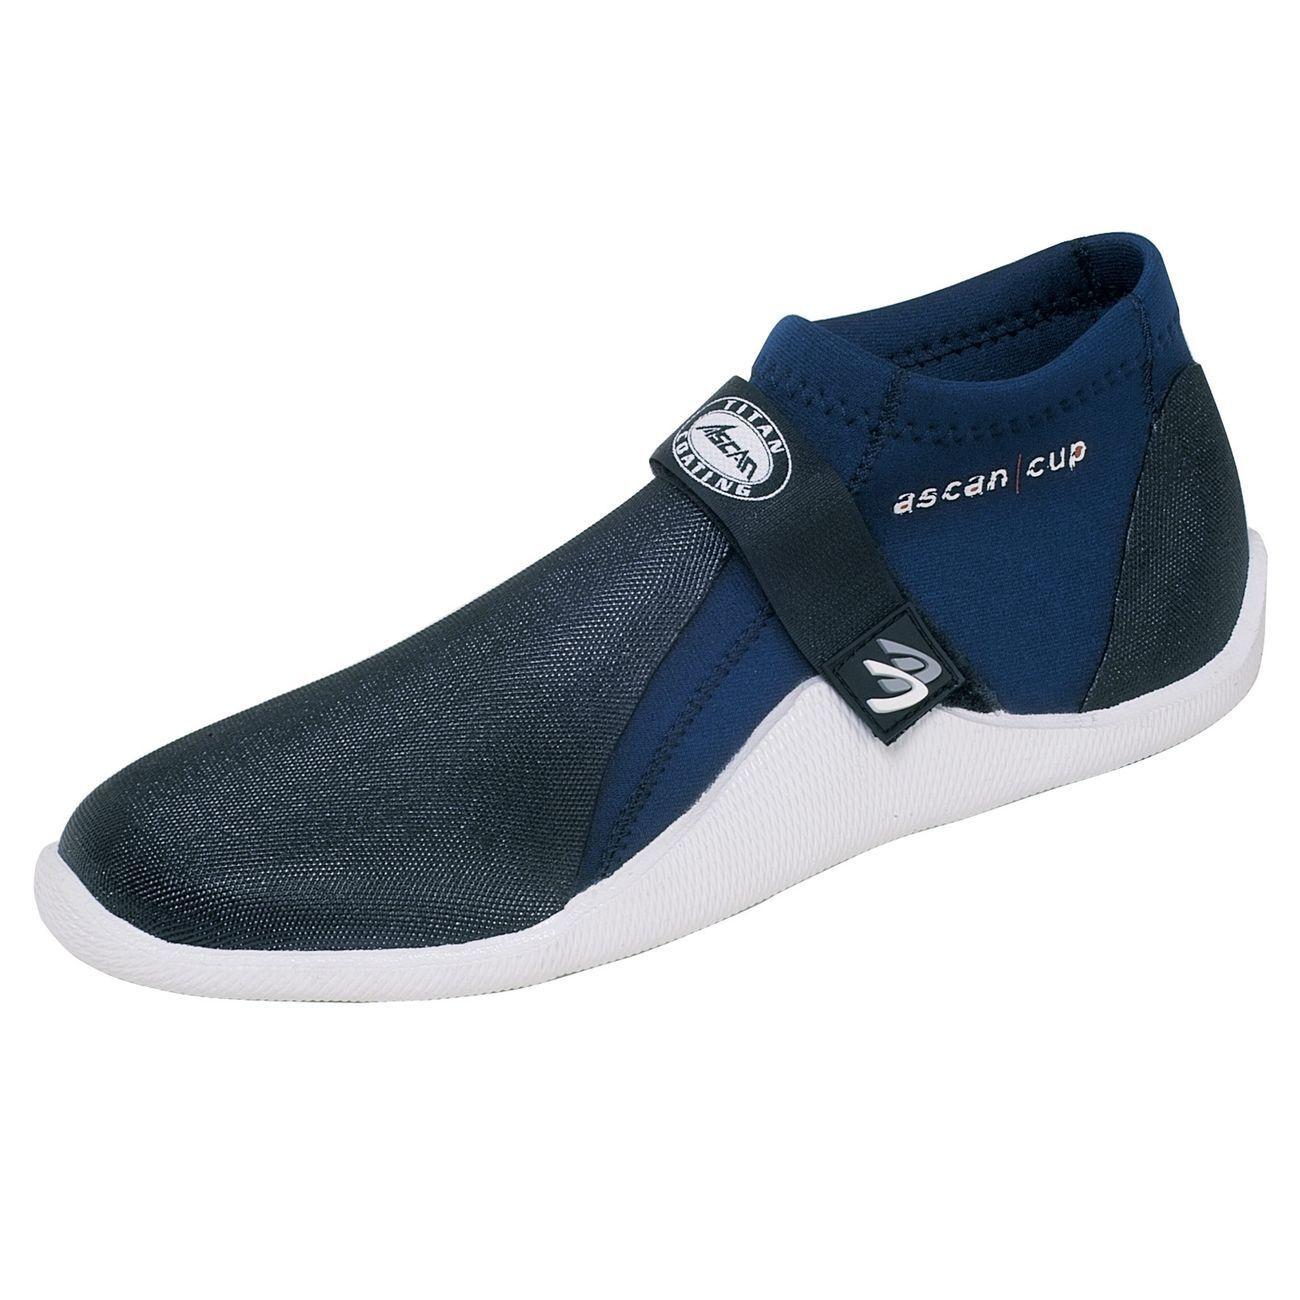 Ascan Neoprenschuh CUP Dinghy - Schuhe aus Neopren speziell für Segler - NEU  | New Style